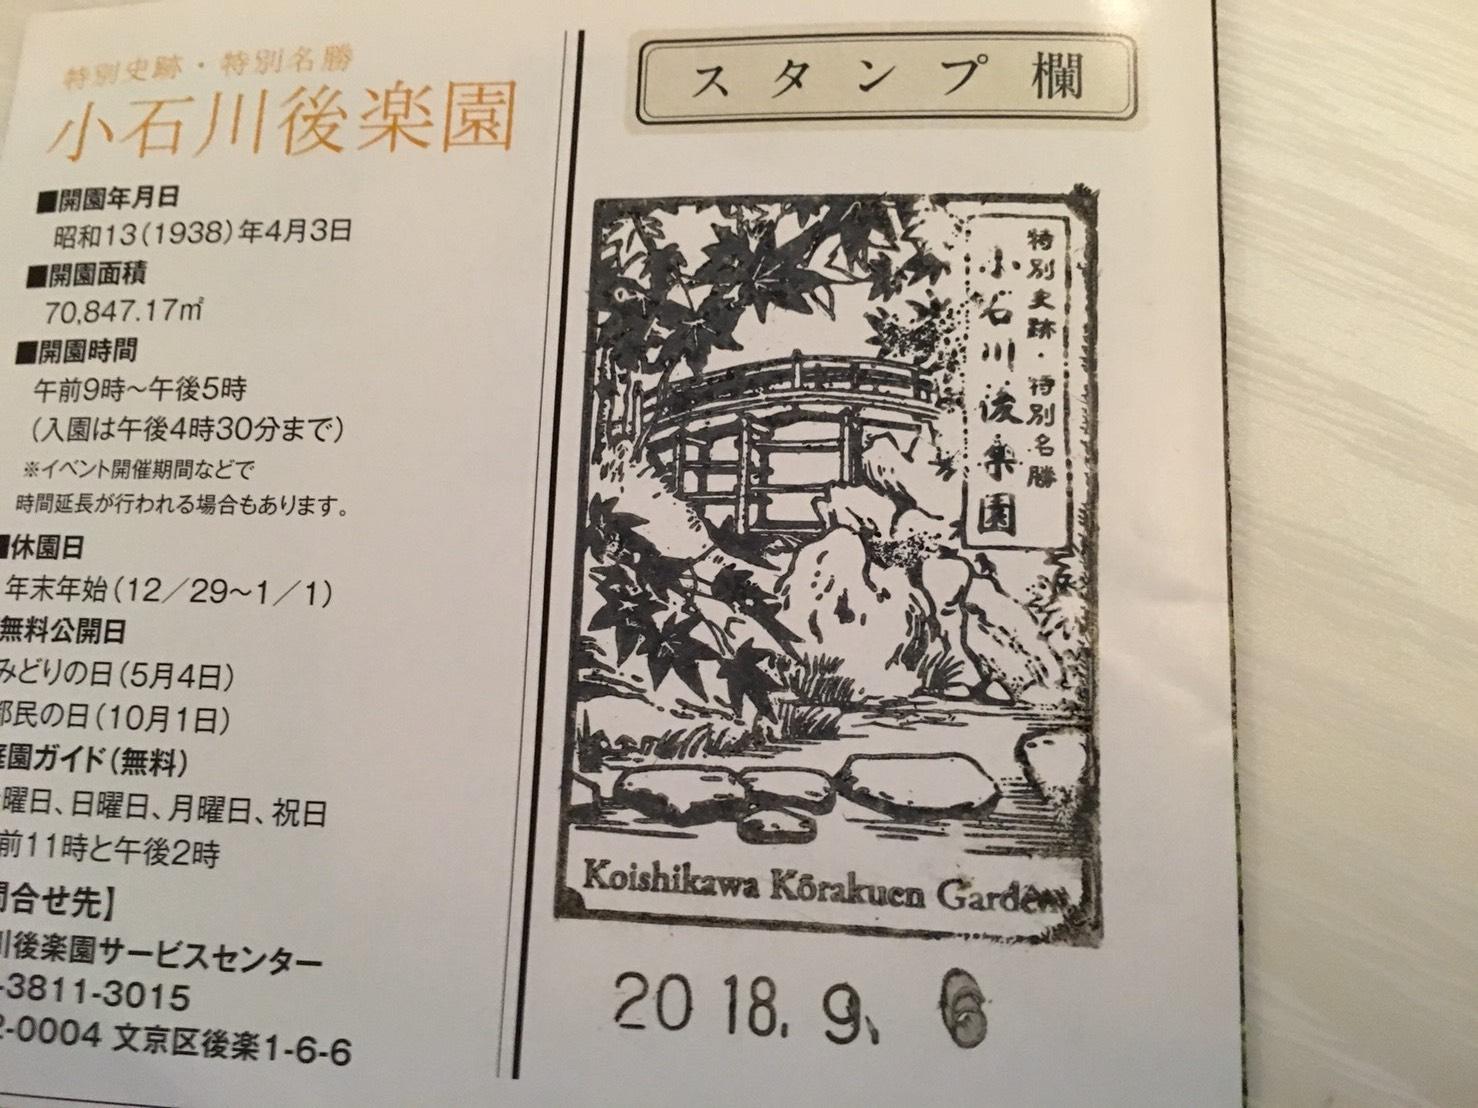 【飯田橋駅】江戸時代の中国趣味豊かな景観で一句「小石川後楽園」のスタンプ